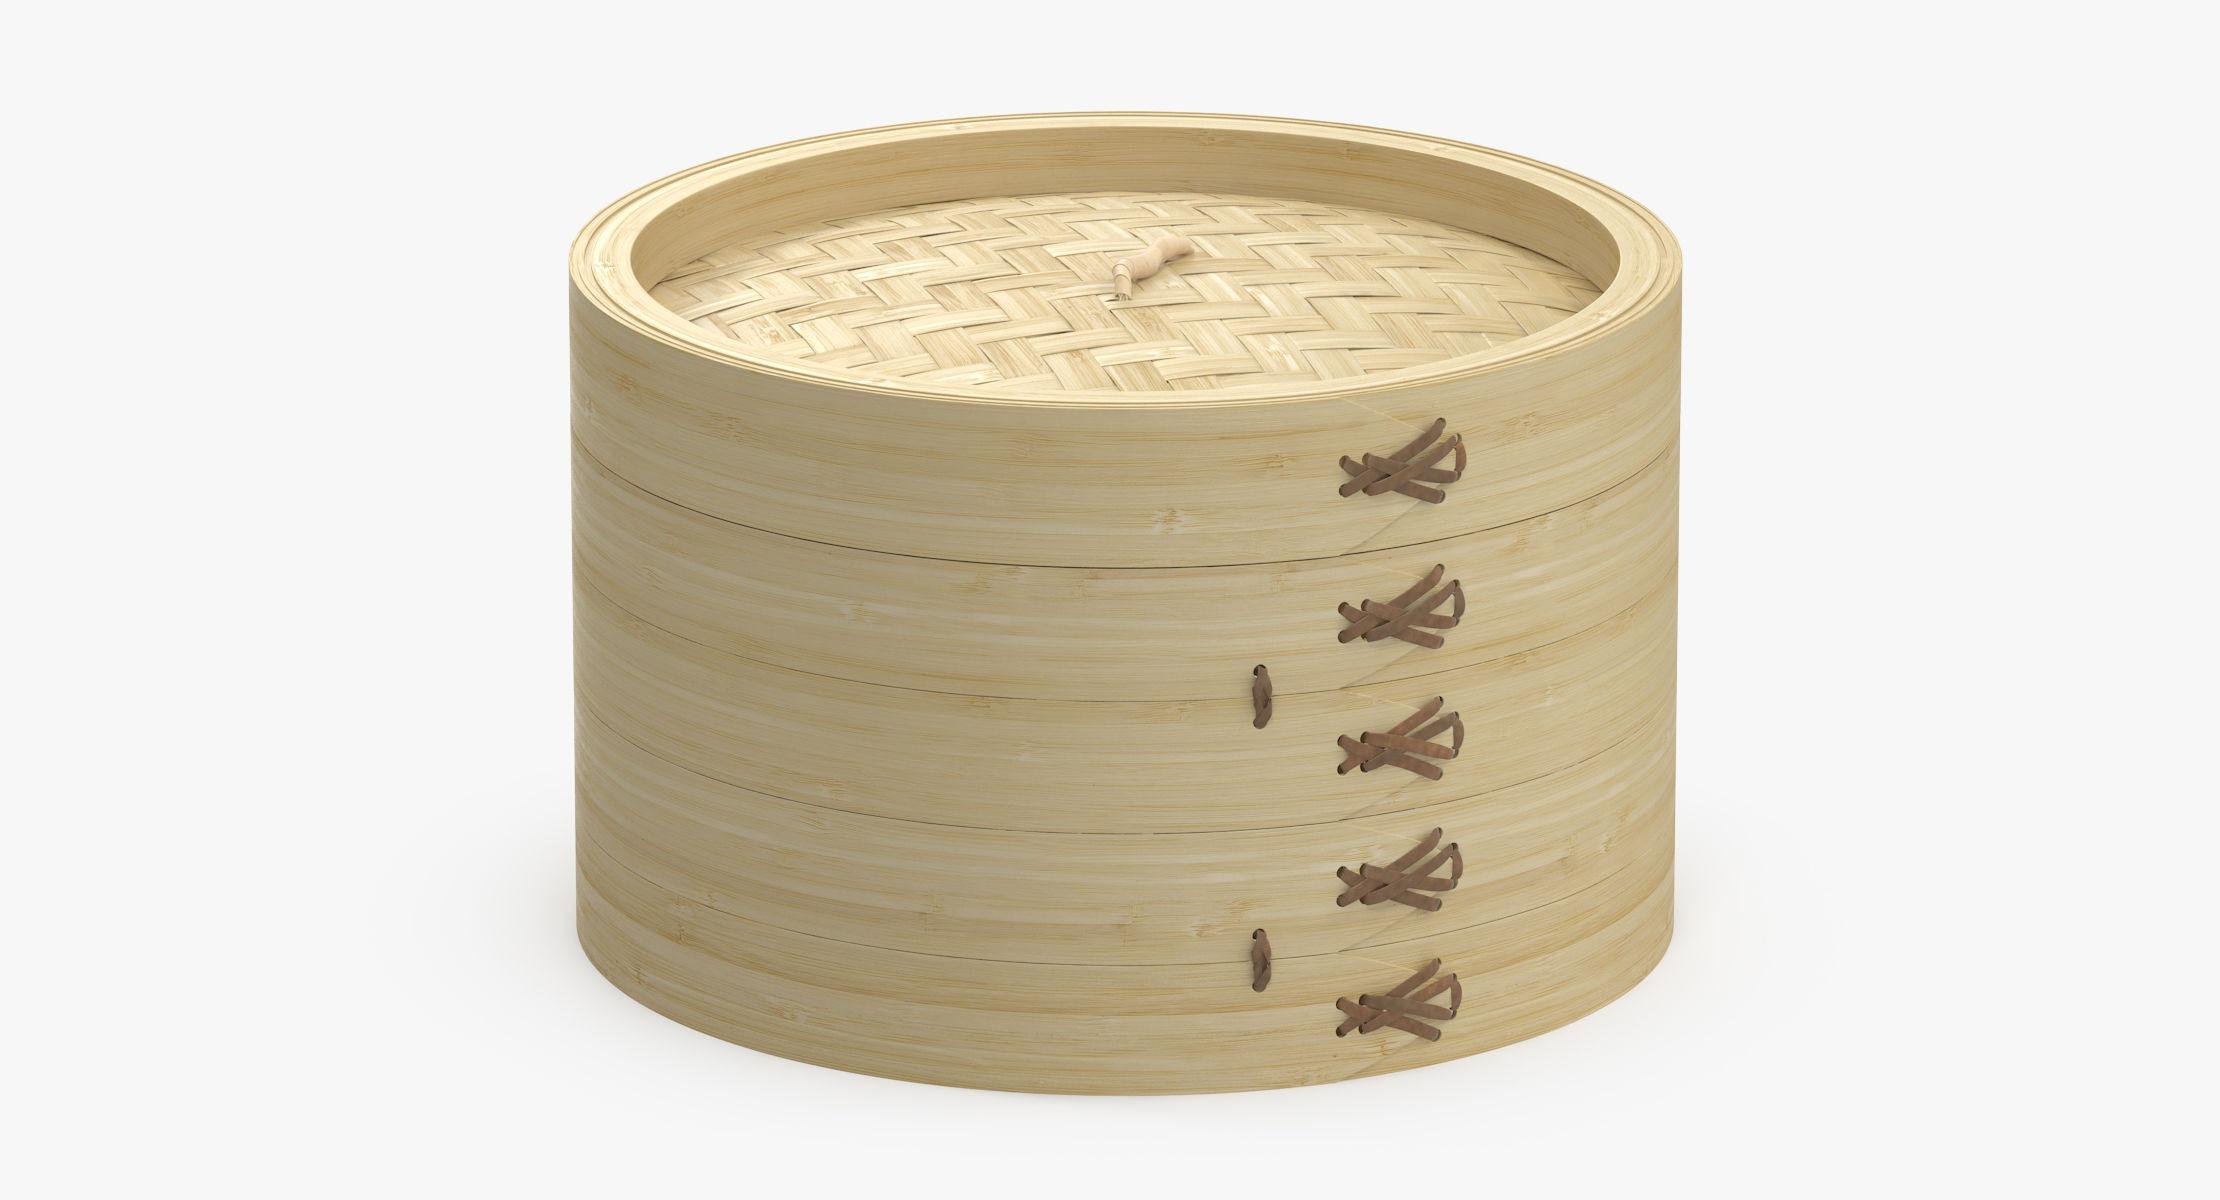 Medium Bamboo Steamer - reel 1